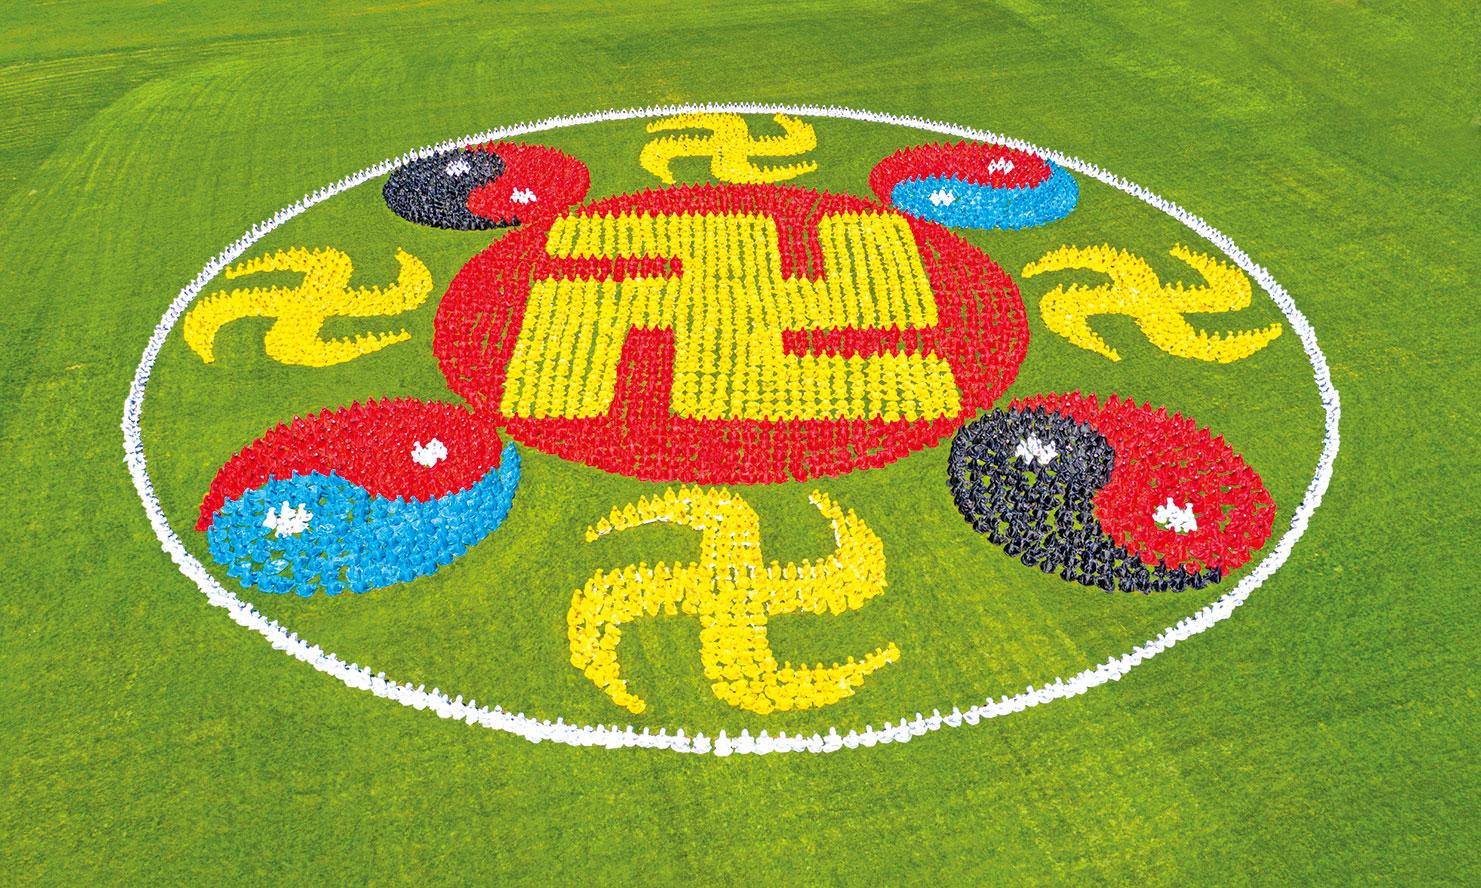 法輪圖形,內圈中心為卍字符,其紅底屬火,紅火生黃土,對應中天人道時期陰、陽相生為主。(大紀元資料庫)